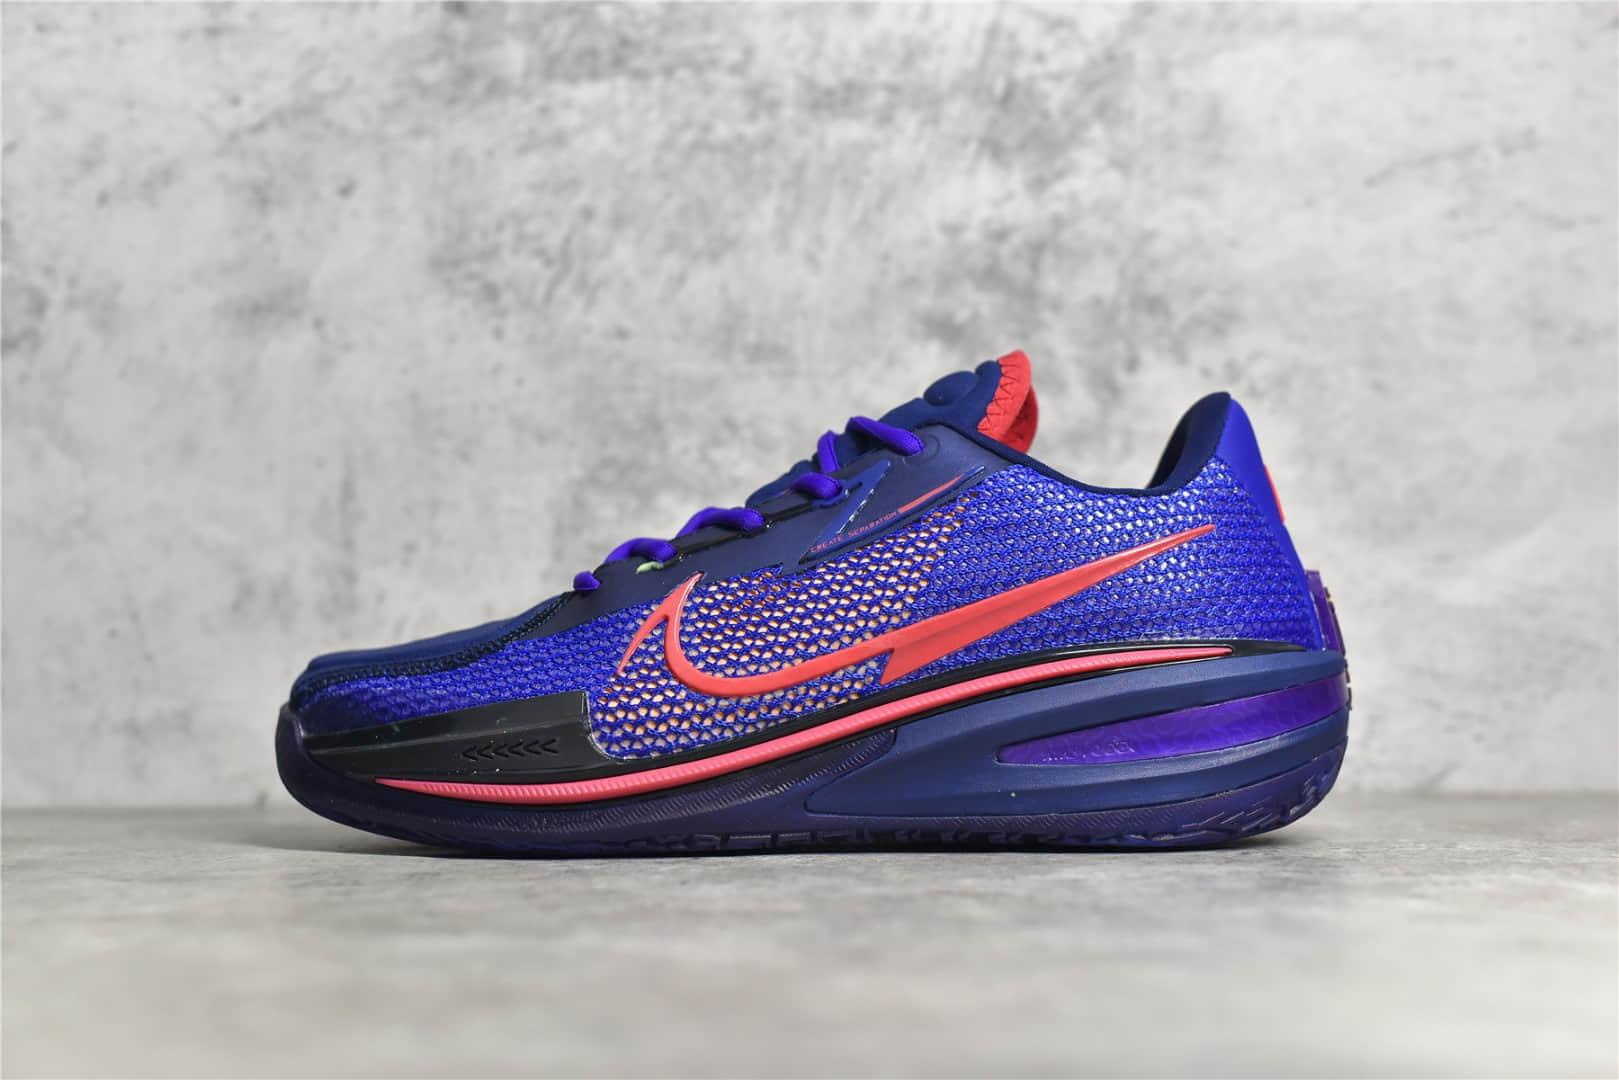 耐克实战球鞋 耐克高质量球鞋 Nike AIR ZOOM G.T. CUT 耐克蓝色球鞋 耐克GT球鞋 货号:CZ0176-400-潮流者之家